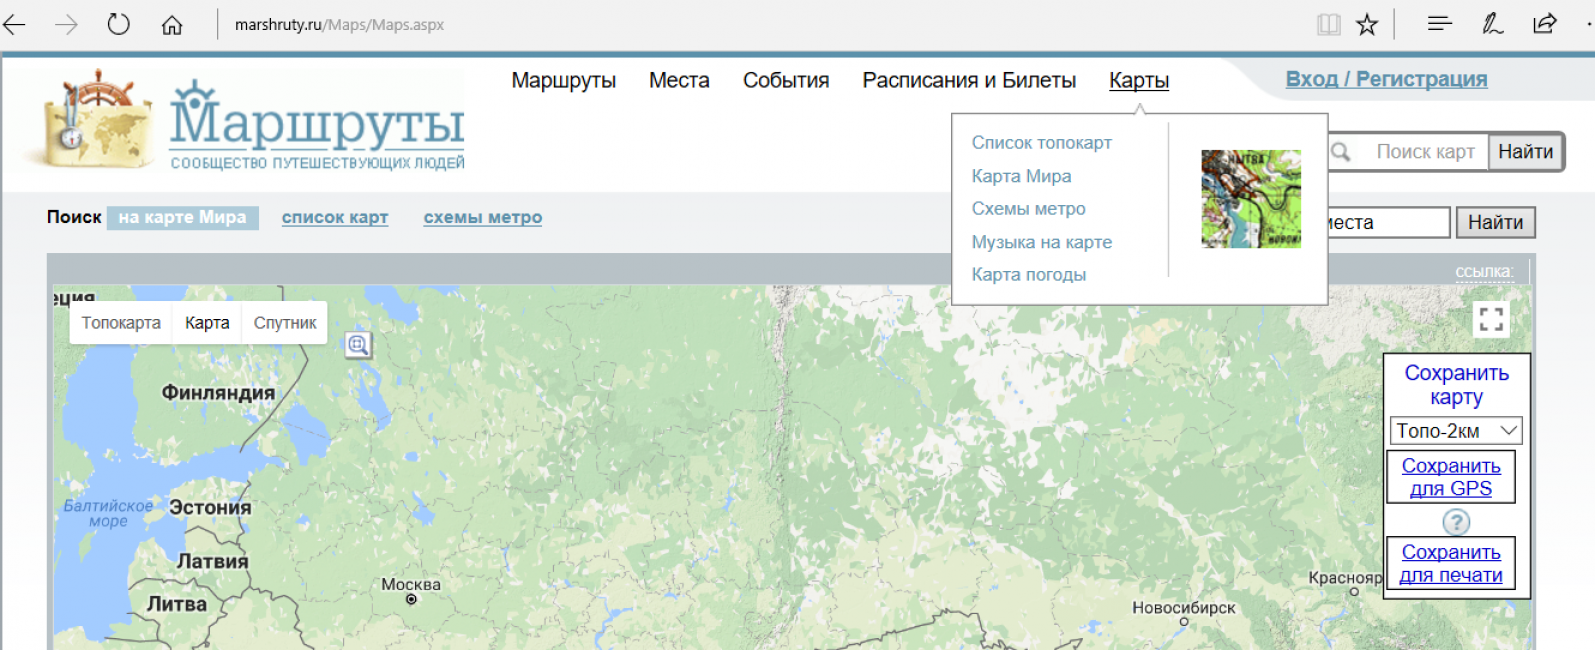 Карта основная и список карт других назначений